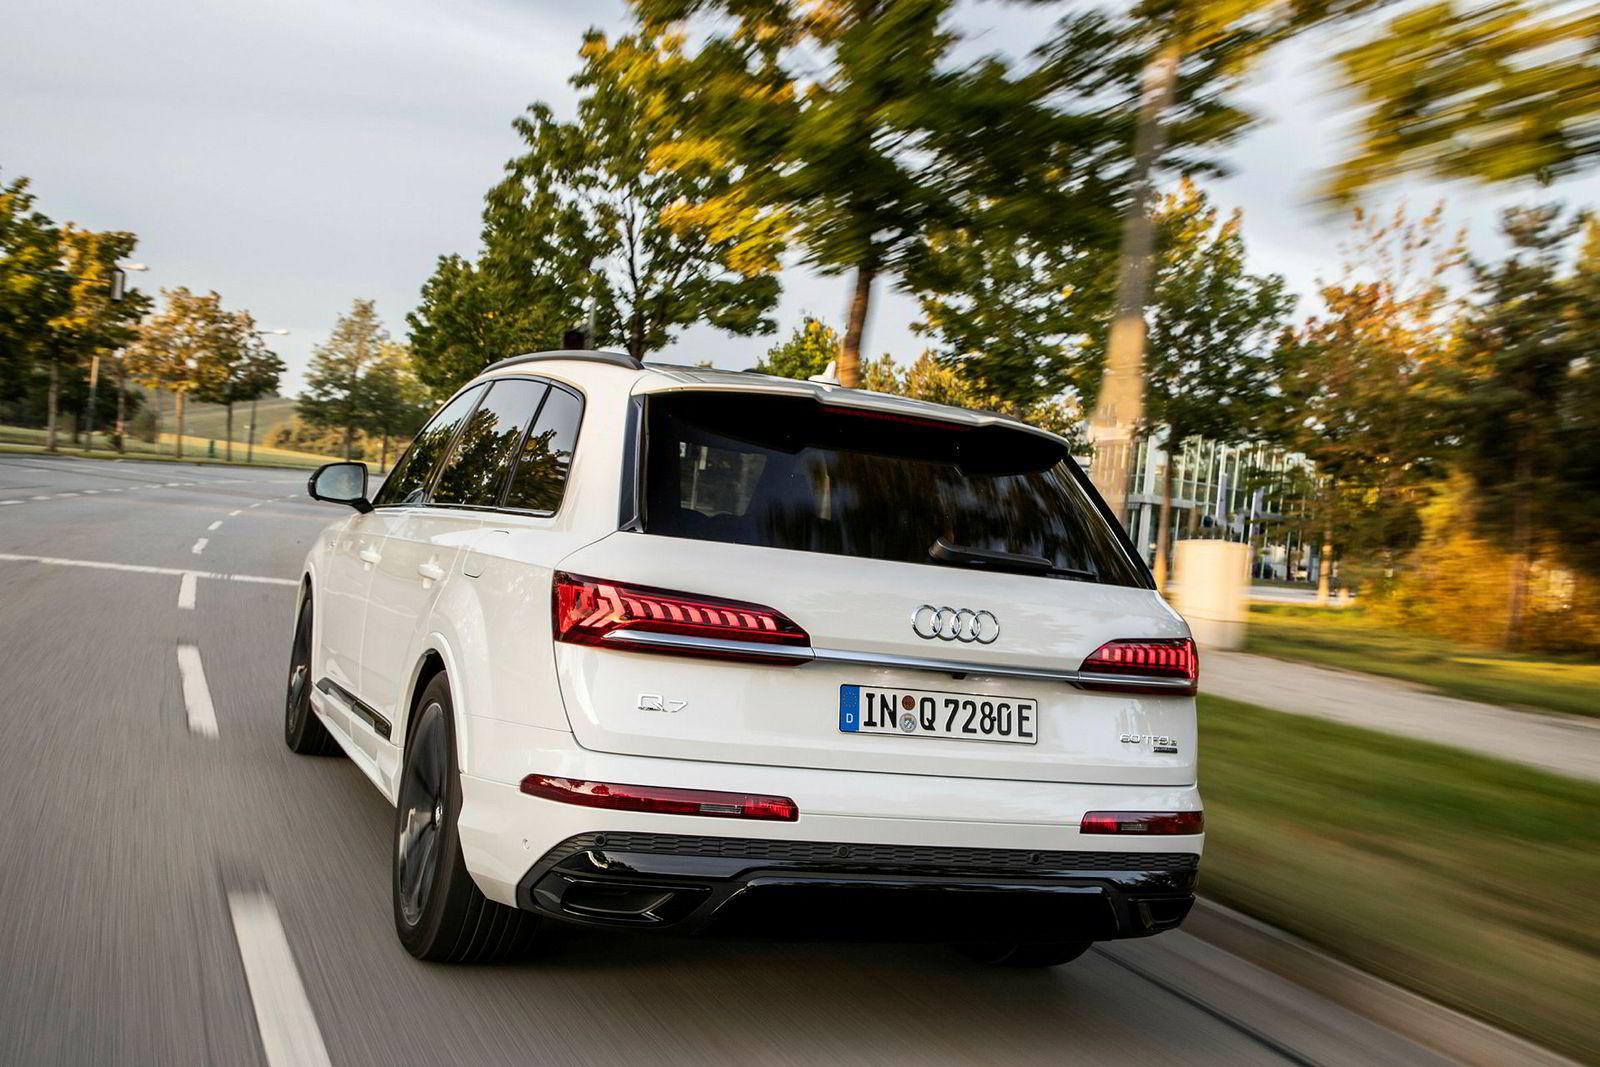 Audi Q7 bytter ut diesel med bensinmotor i den ladbare hybrid-varianten.